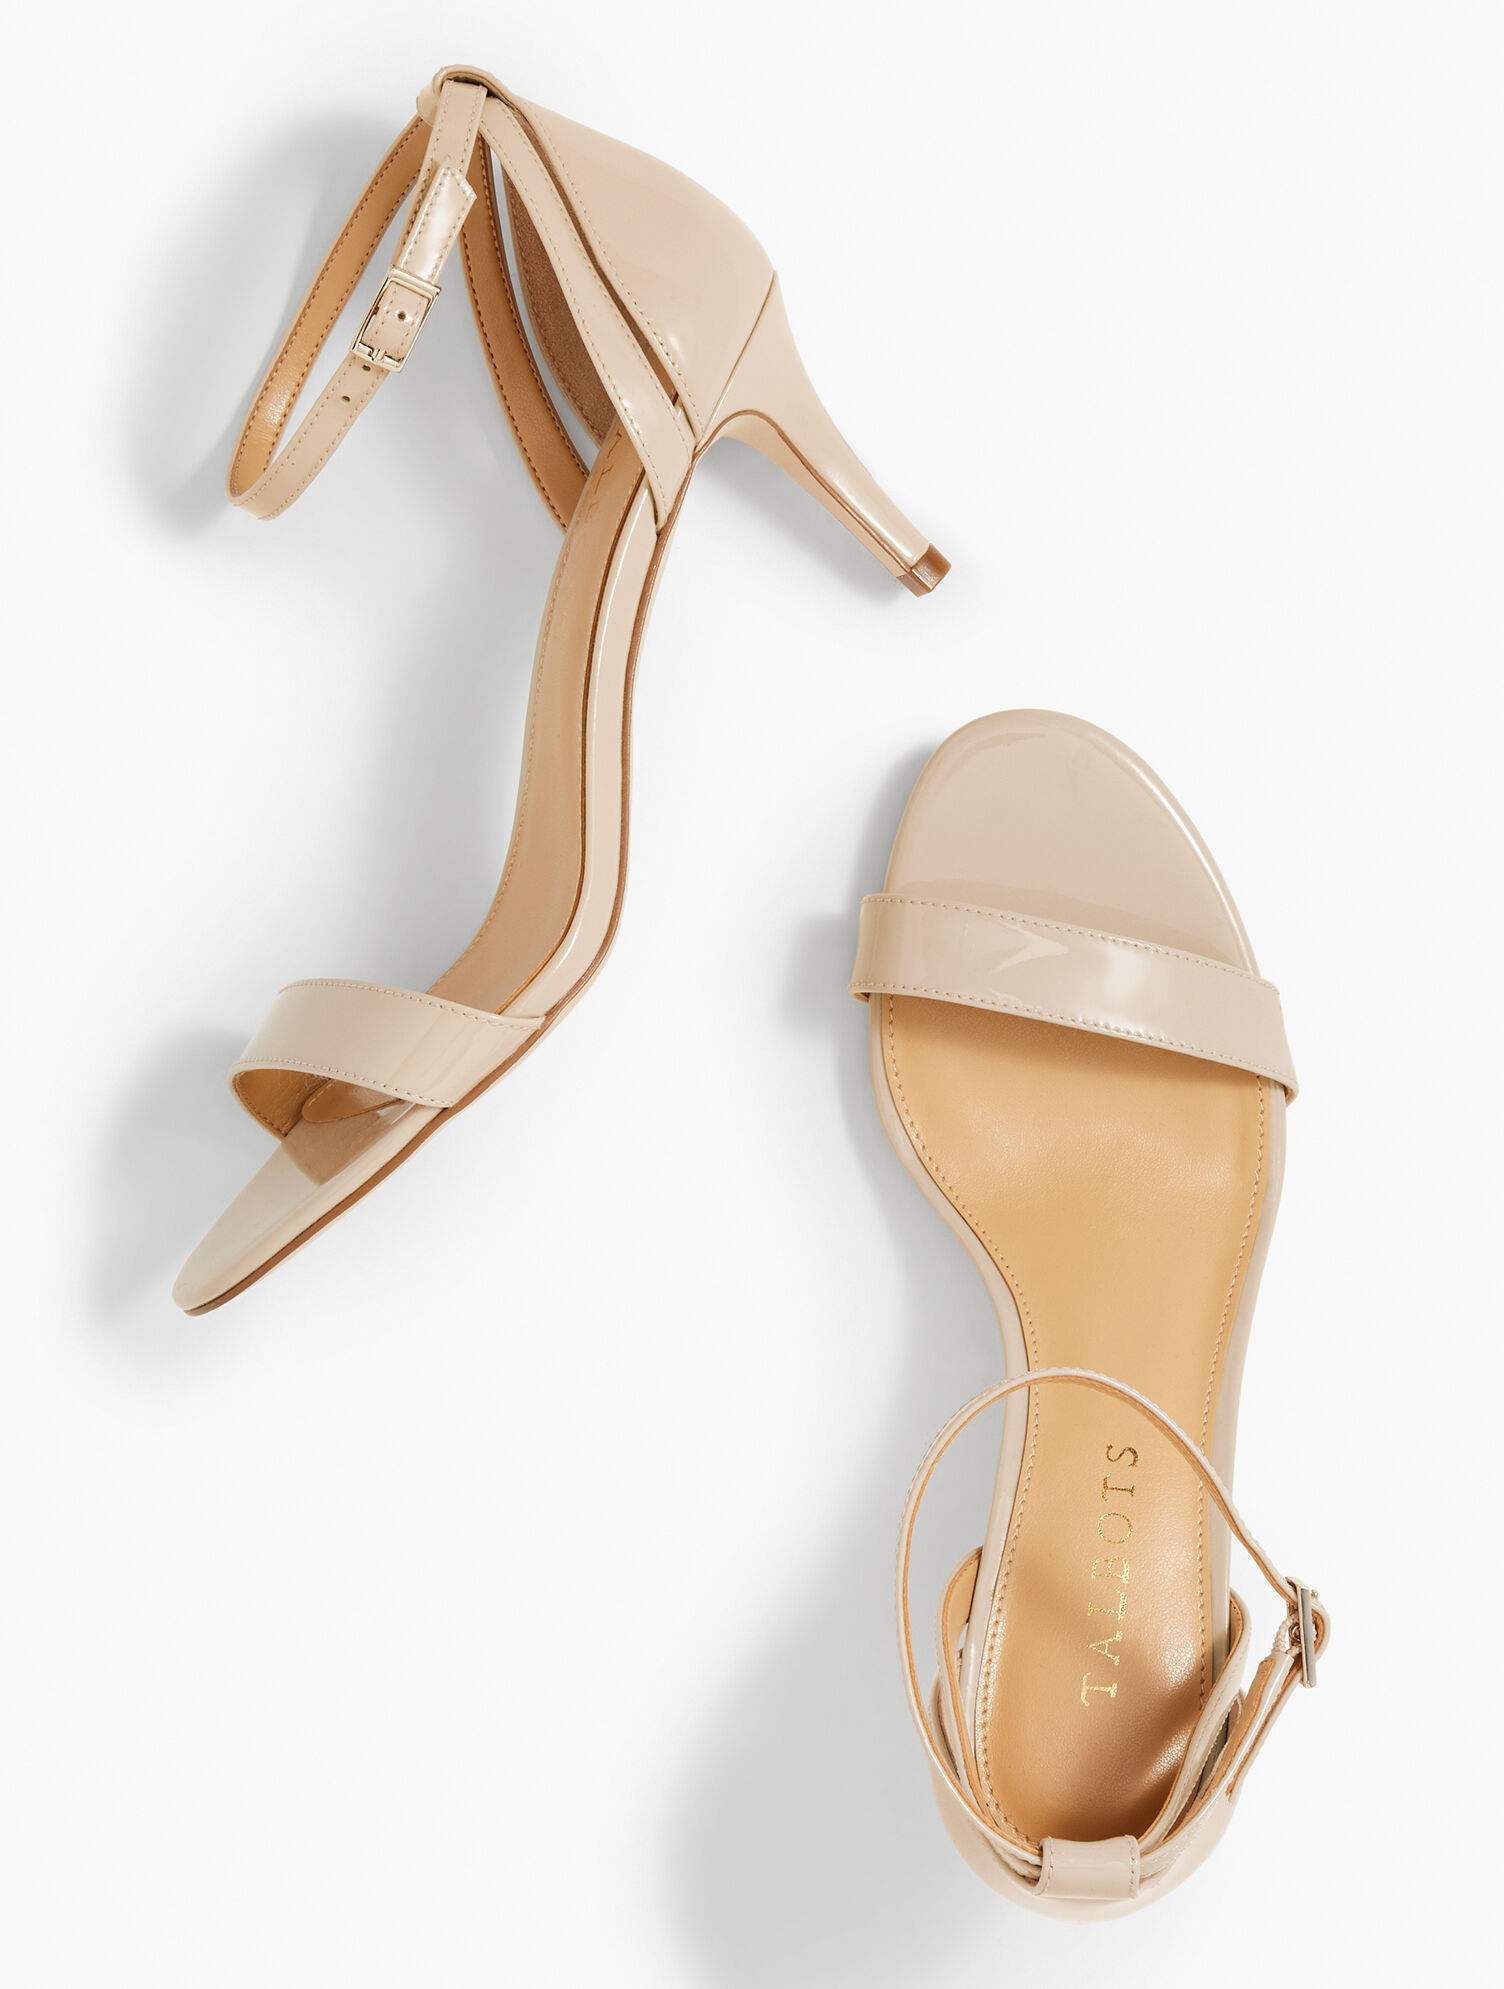 Rosalie Ankle-Strap Sandals - Patent